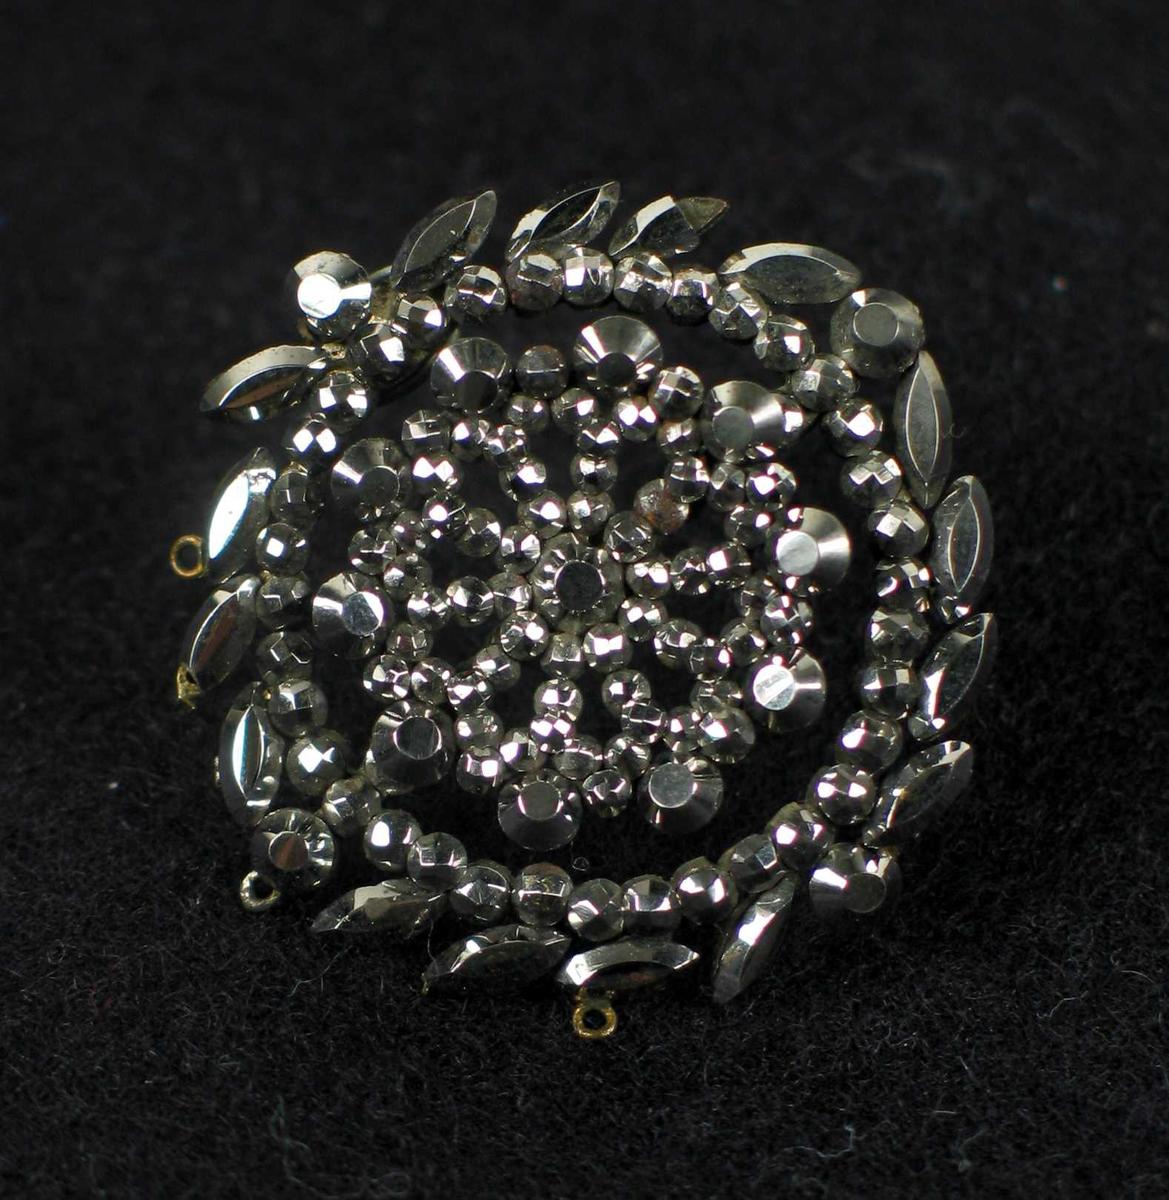 Rund rosettformet nål i metall.